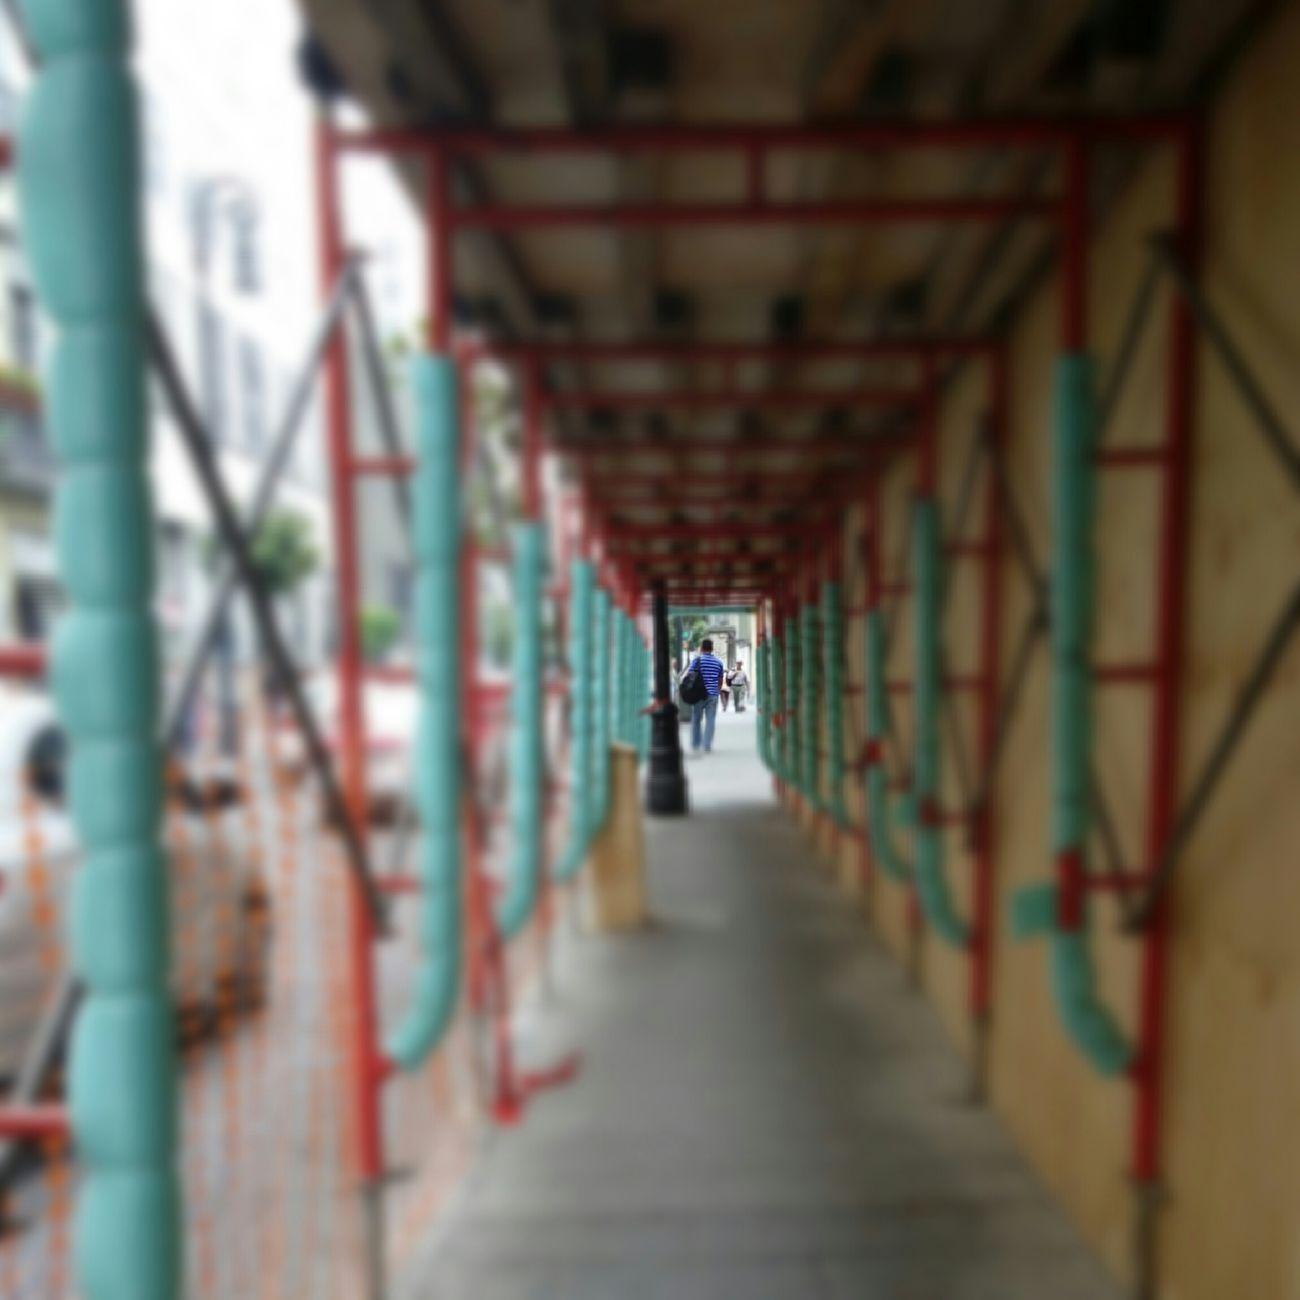 Calles En Ruinas Dando El Rol Hello World Esto Es Mexico Old Structures